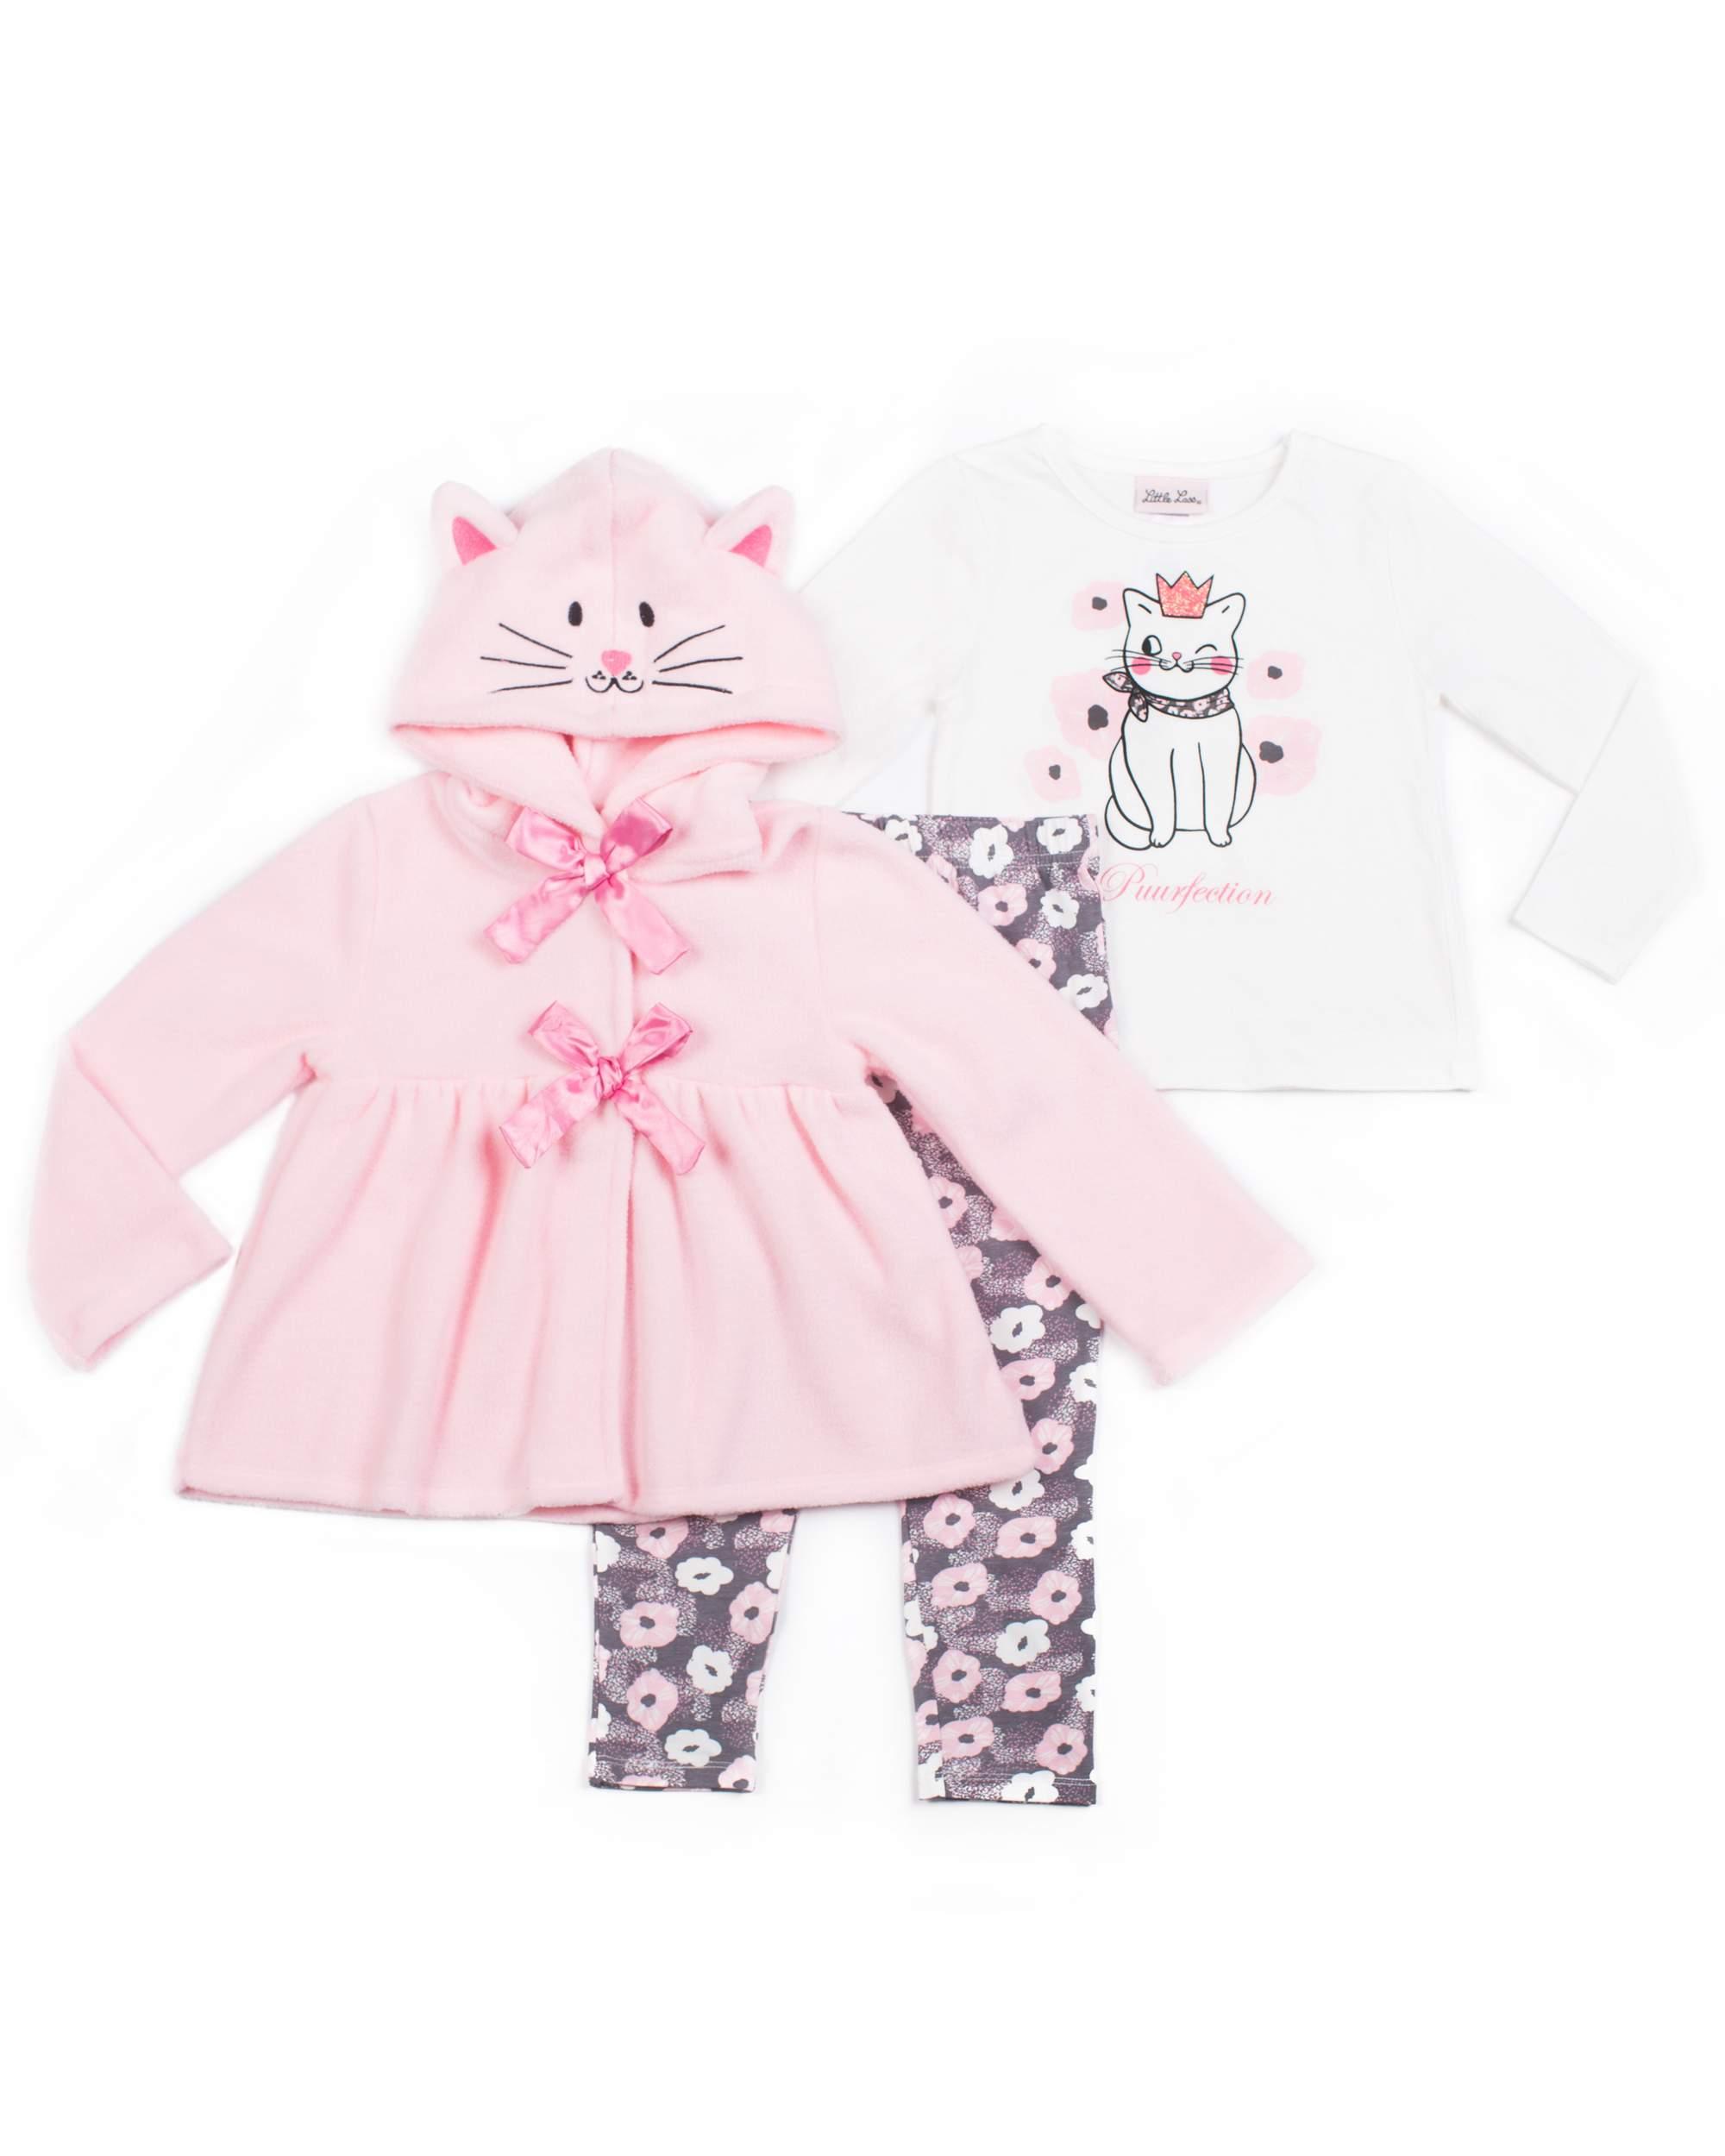 Little Lass 3D Critter Fleece Jacket, Graphic Tee & Legging, 3-Piece Outfit Set (Little Girls)